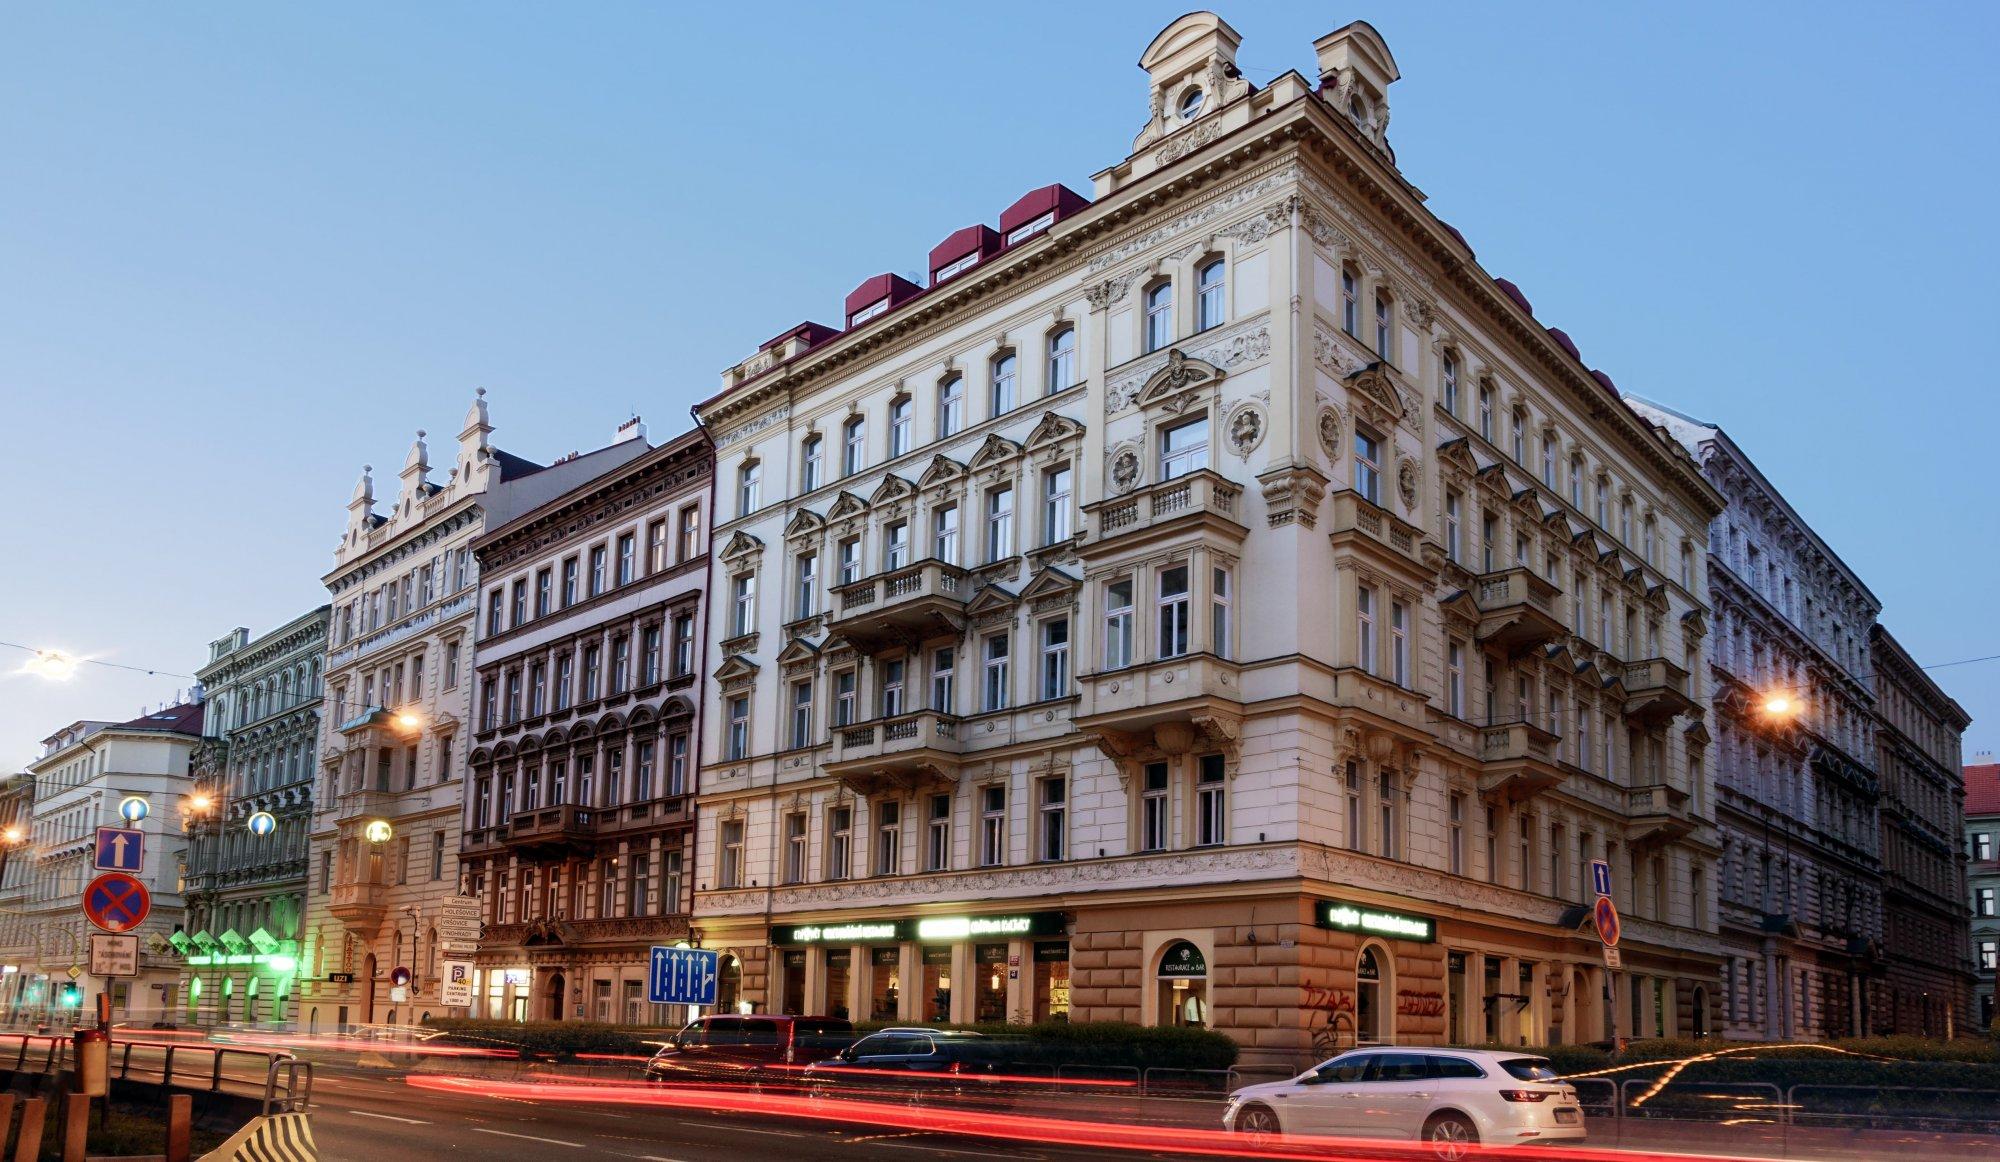 Pohled z ulice Legerova - Půdní byt 1+kk, plocha 28 m², ulice Tyršova, Praha 2 - Nové Město | 1